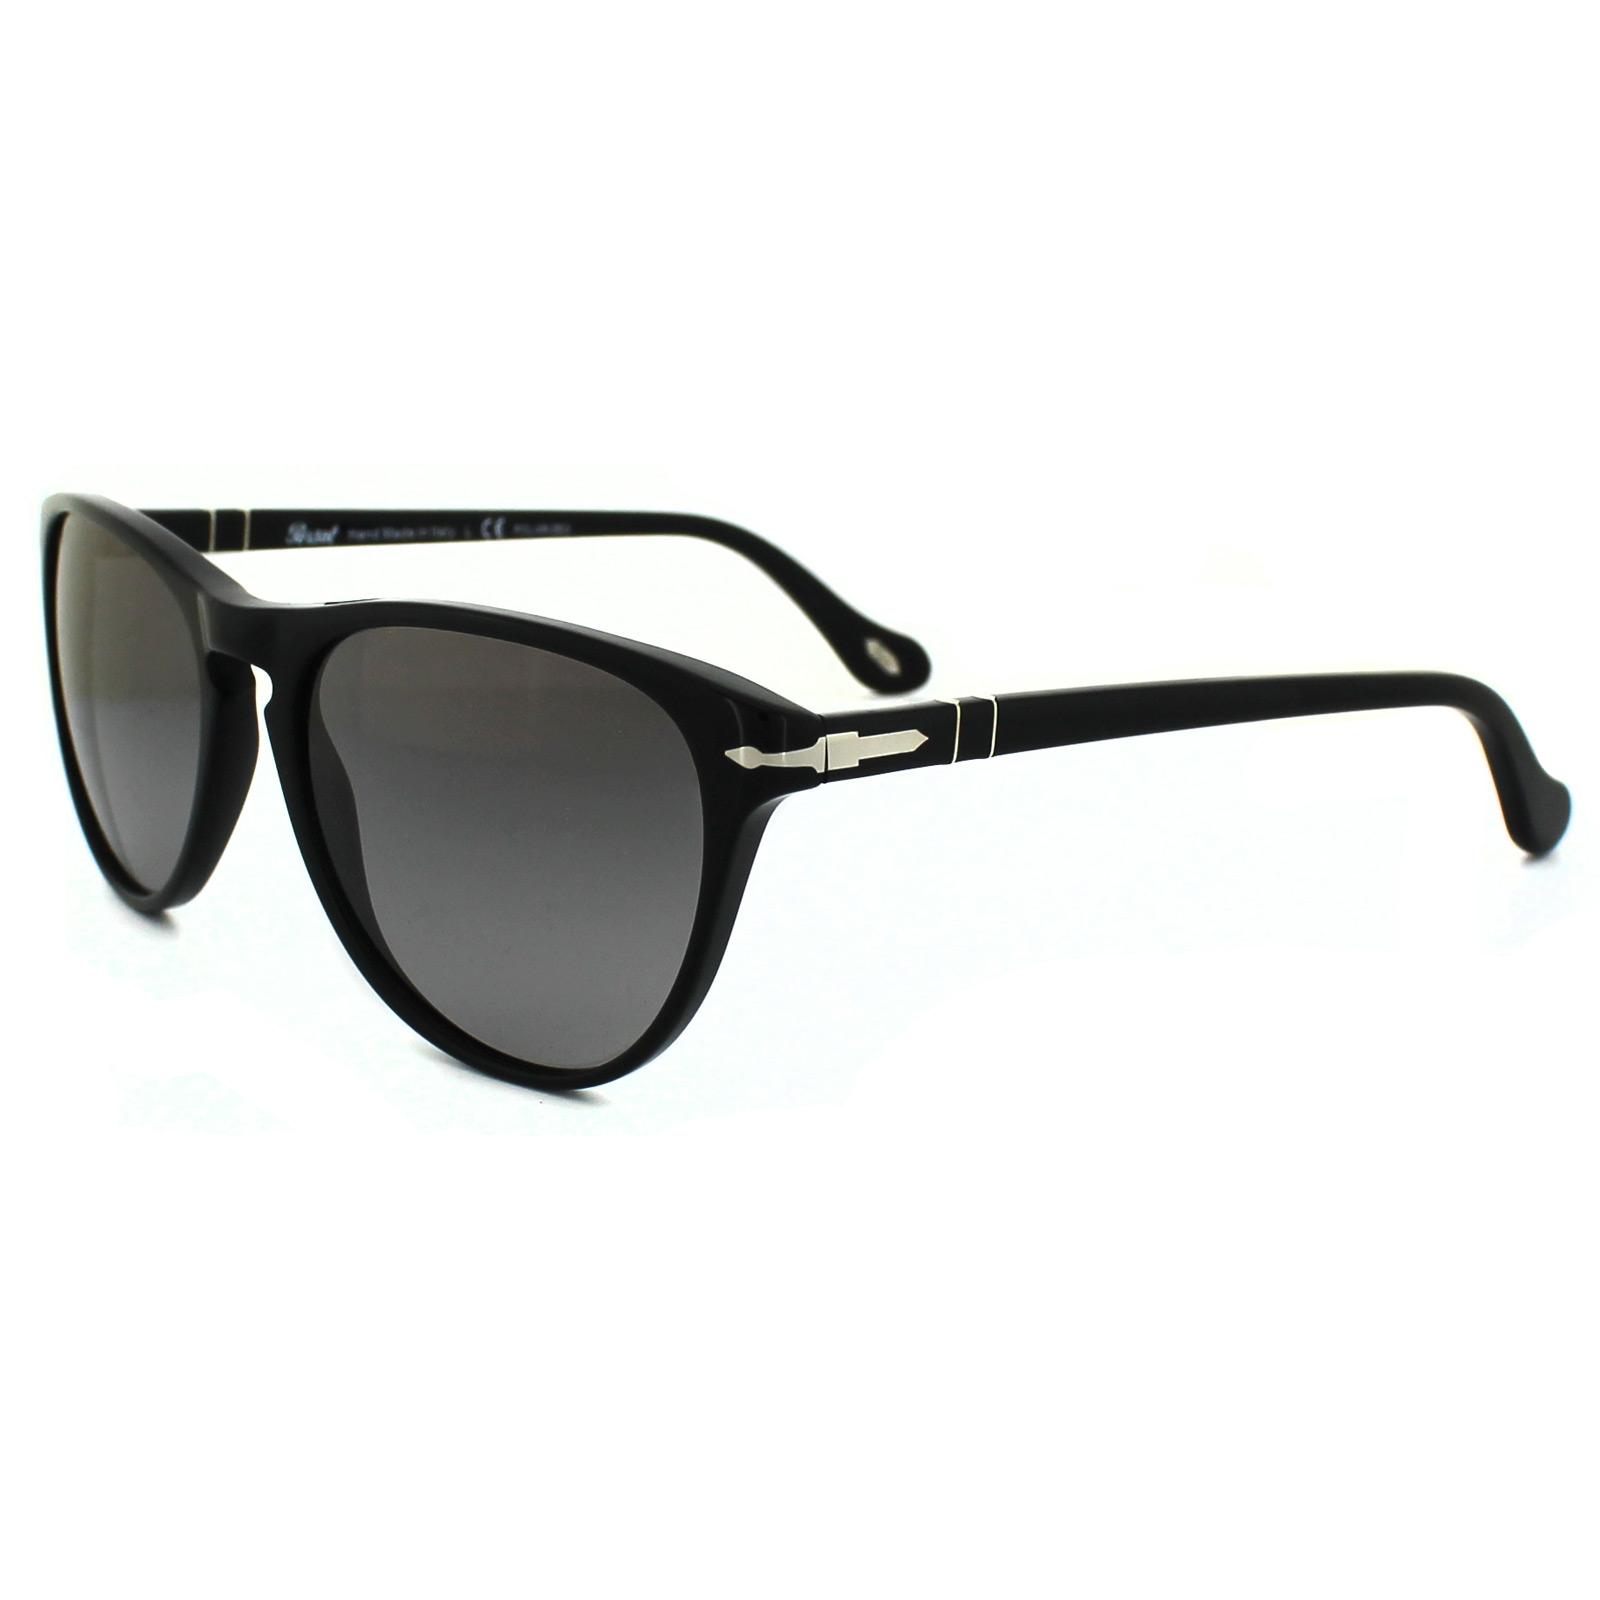 dc69cde15eb Sentinel Persol Sunglasses 3038 95 M3 Black Polarized Gradient Grey